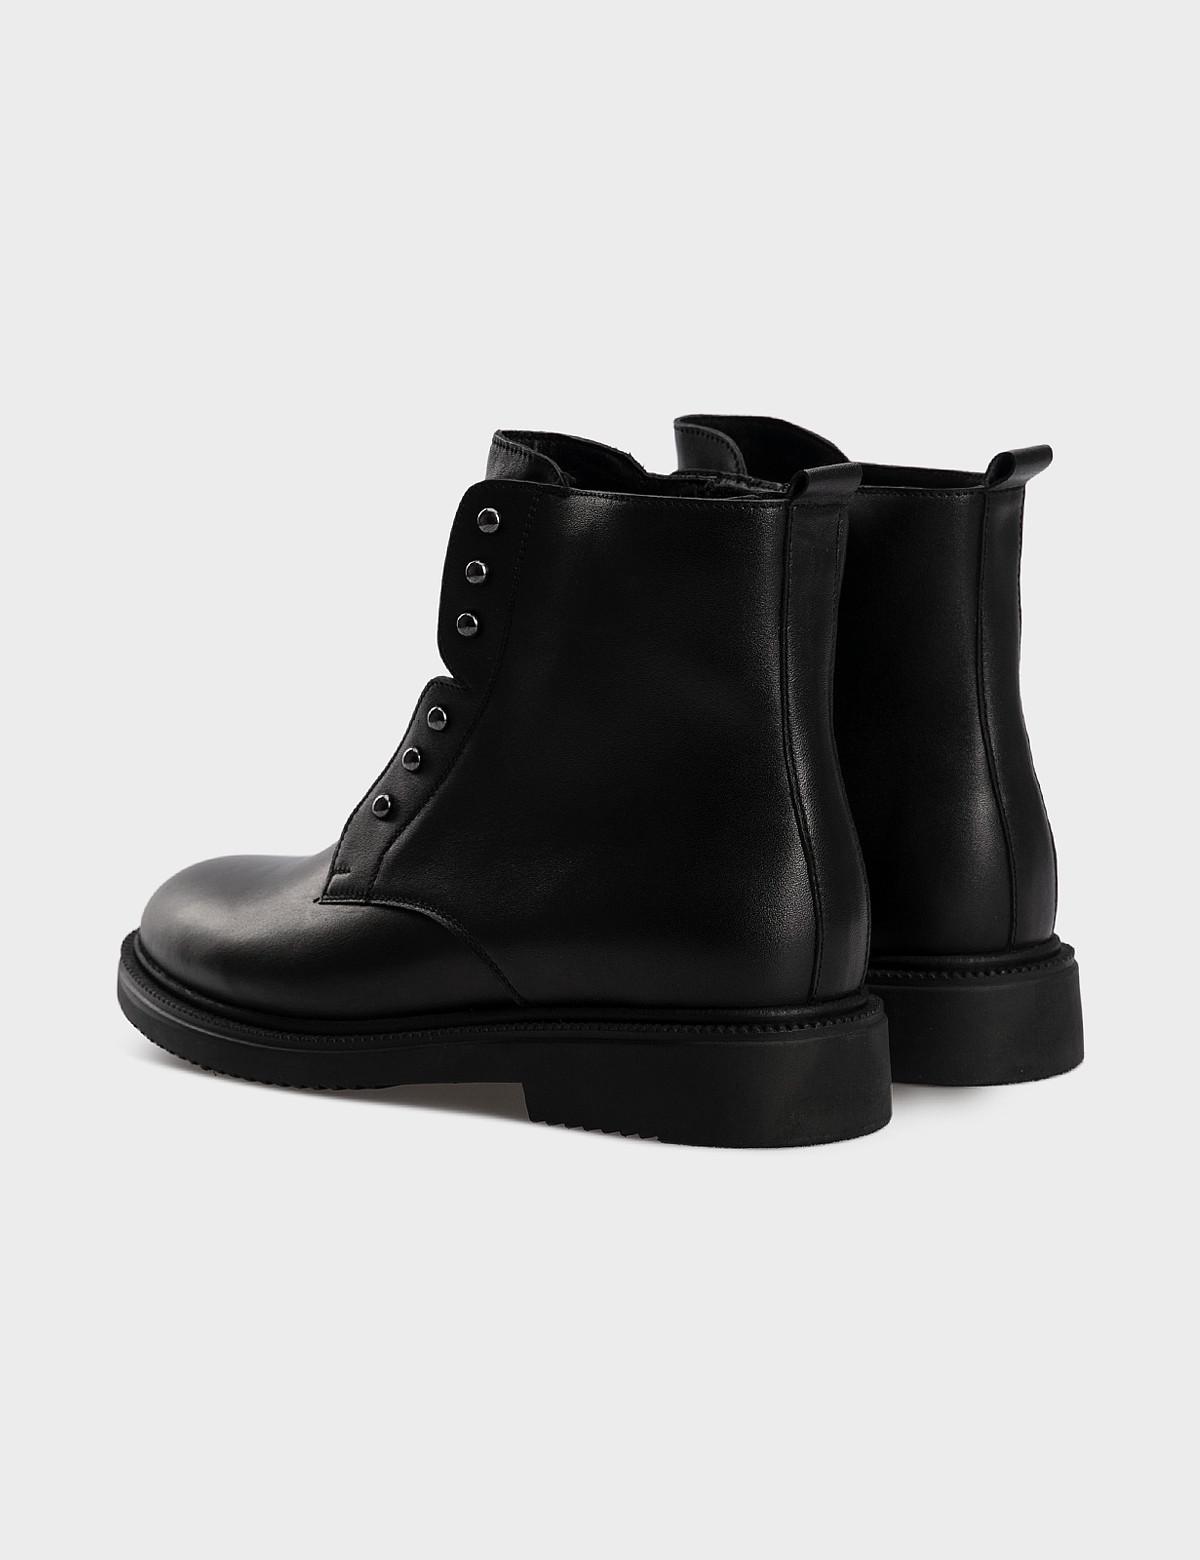 Ботинки черные, натуральная кожа. Шерсть 3